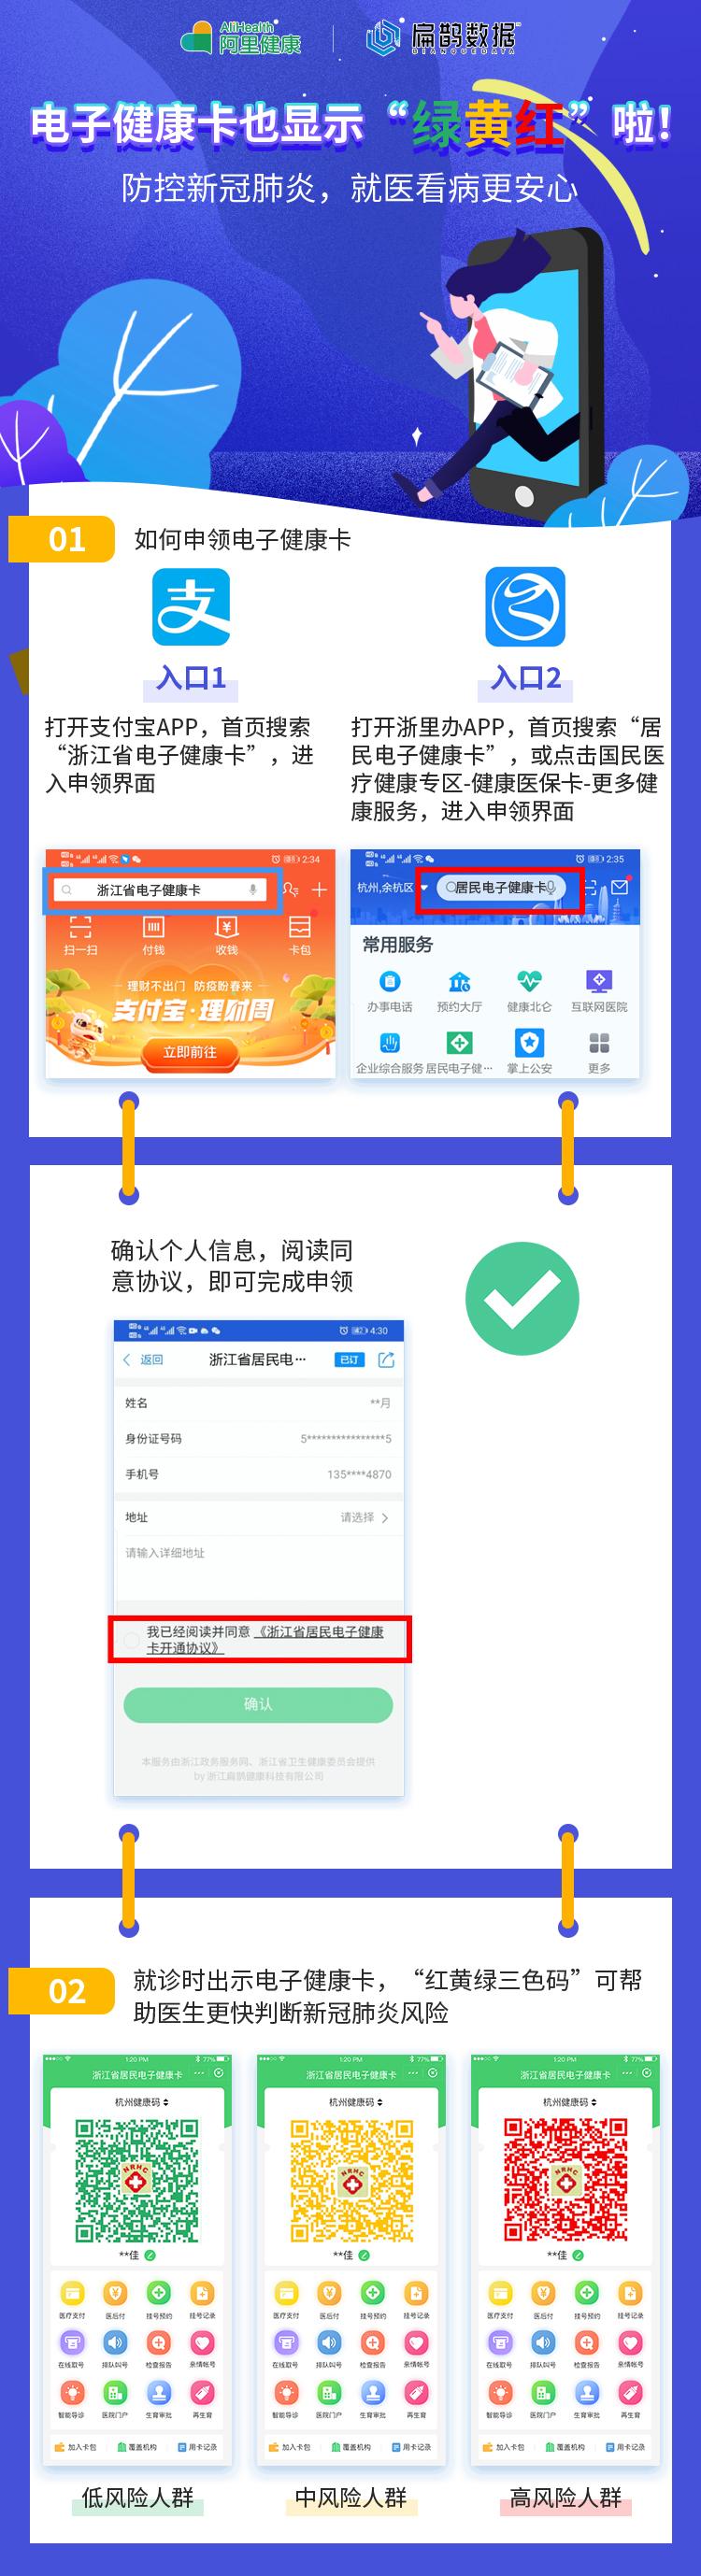 """浙江居民就医用""""电子健康卡"""" 疫情接触风险一查便知"""